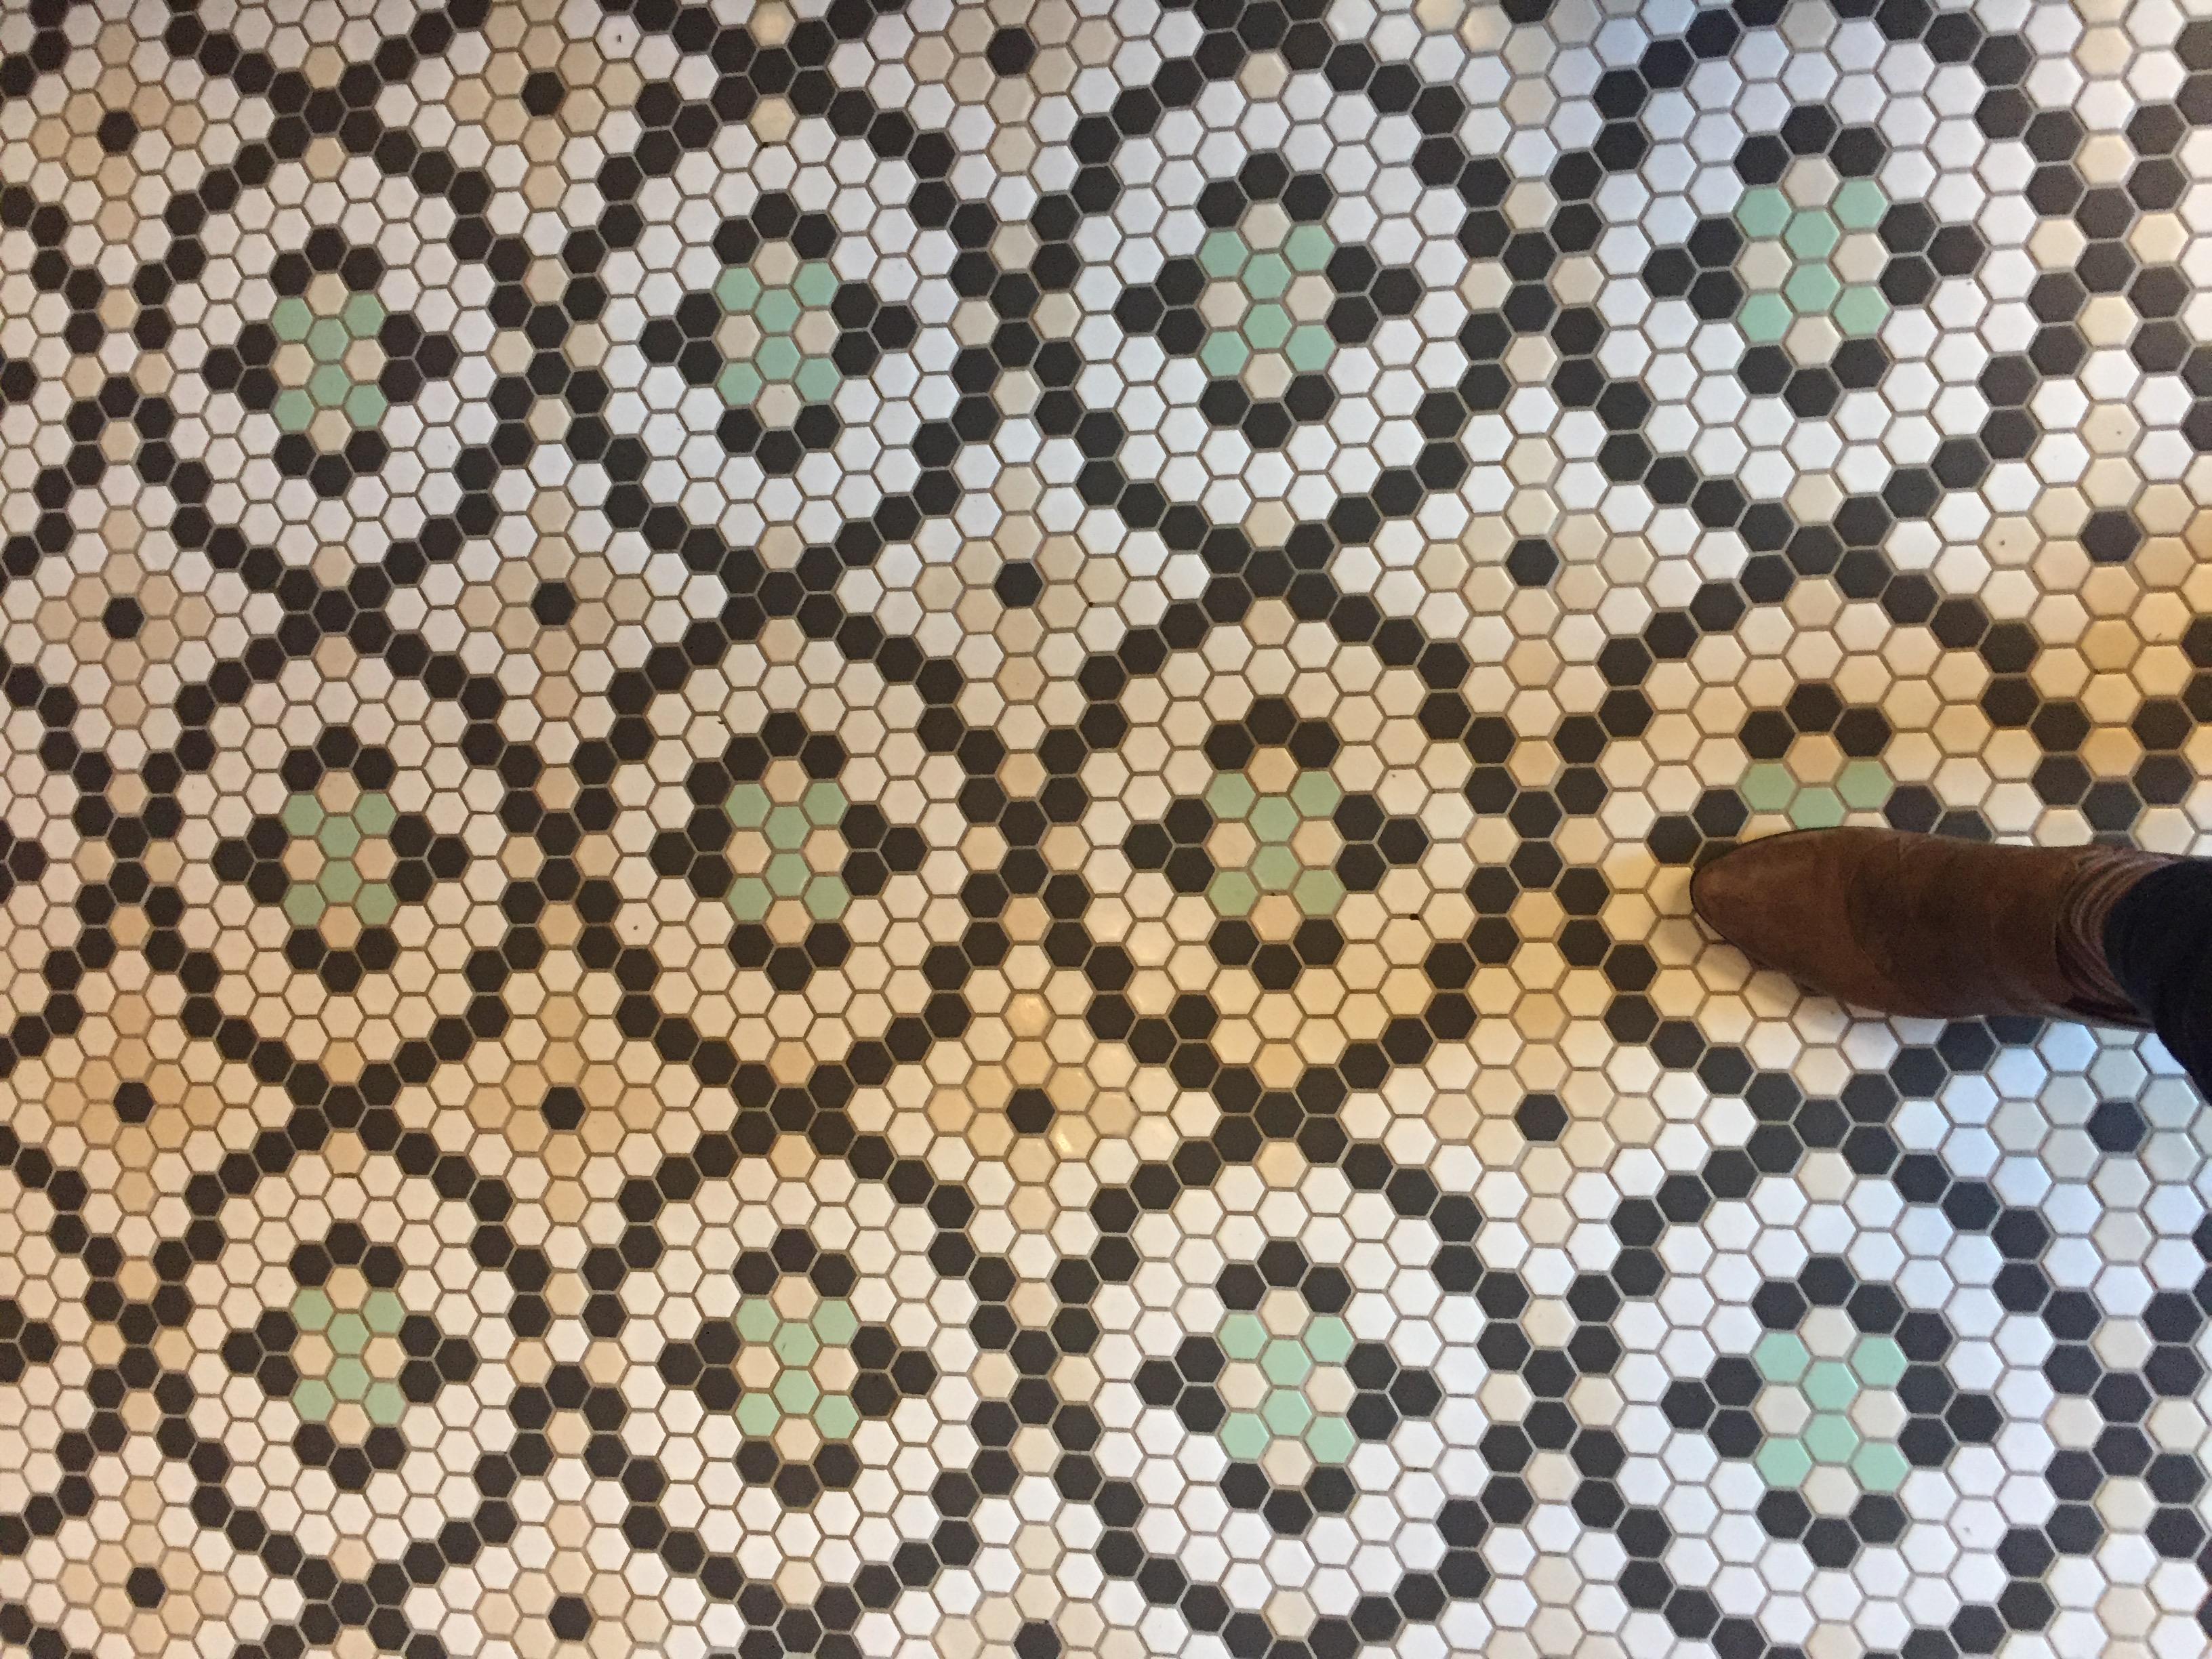 d02b871dcb The nifty floor in the lobby coffee bar